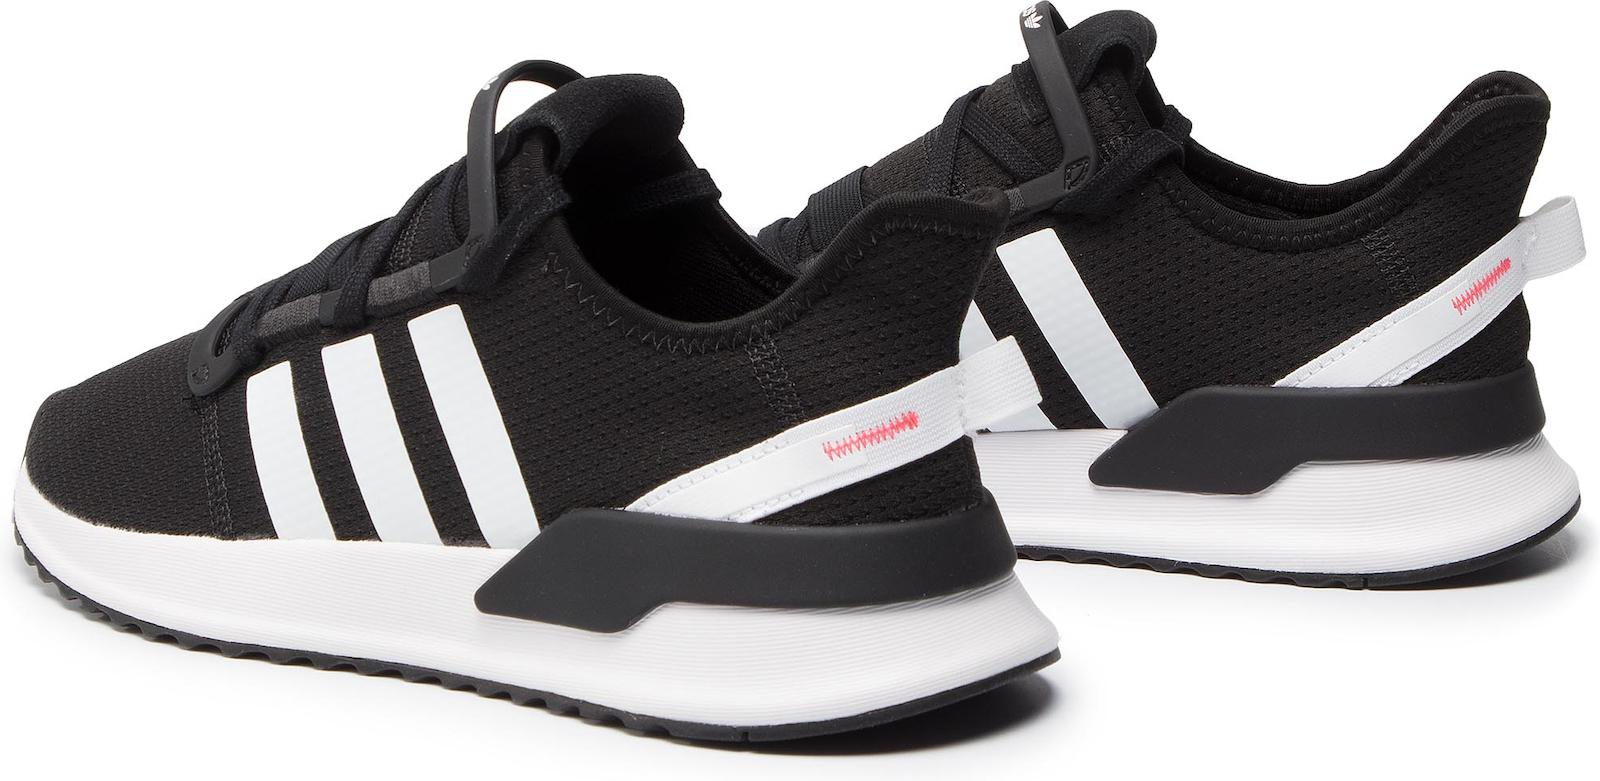 Adidas U Path Run G27639